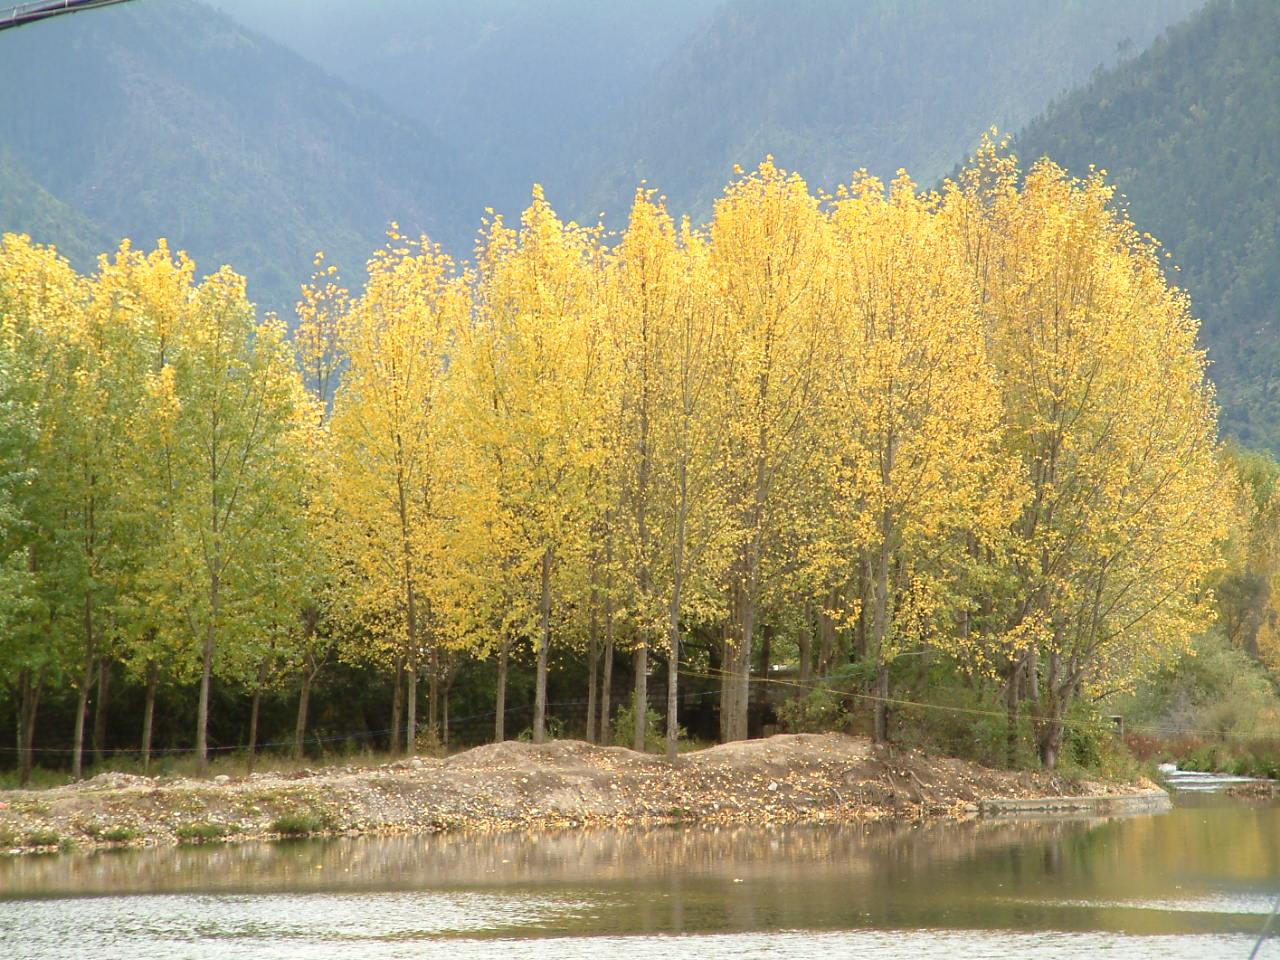 林芝八一镇地图_西藏林芝风景图片 - 林芝金黄的杨树 | Tibet Photography: Pictures, Wallpapers